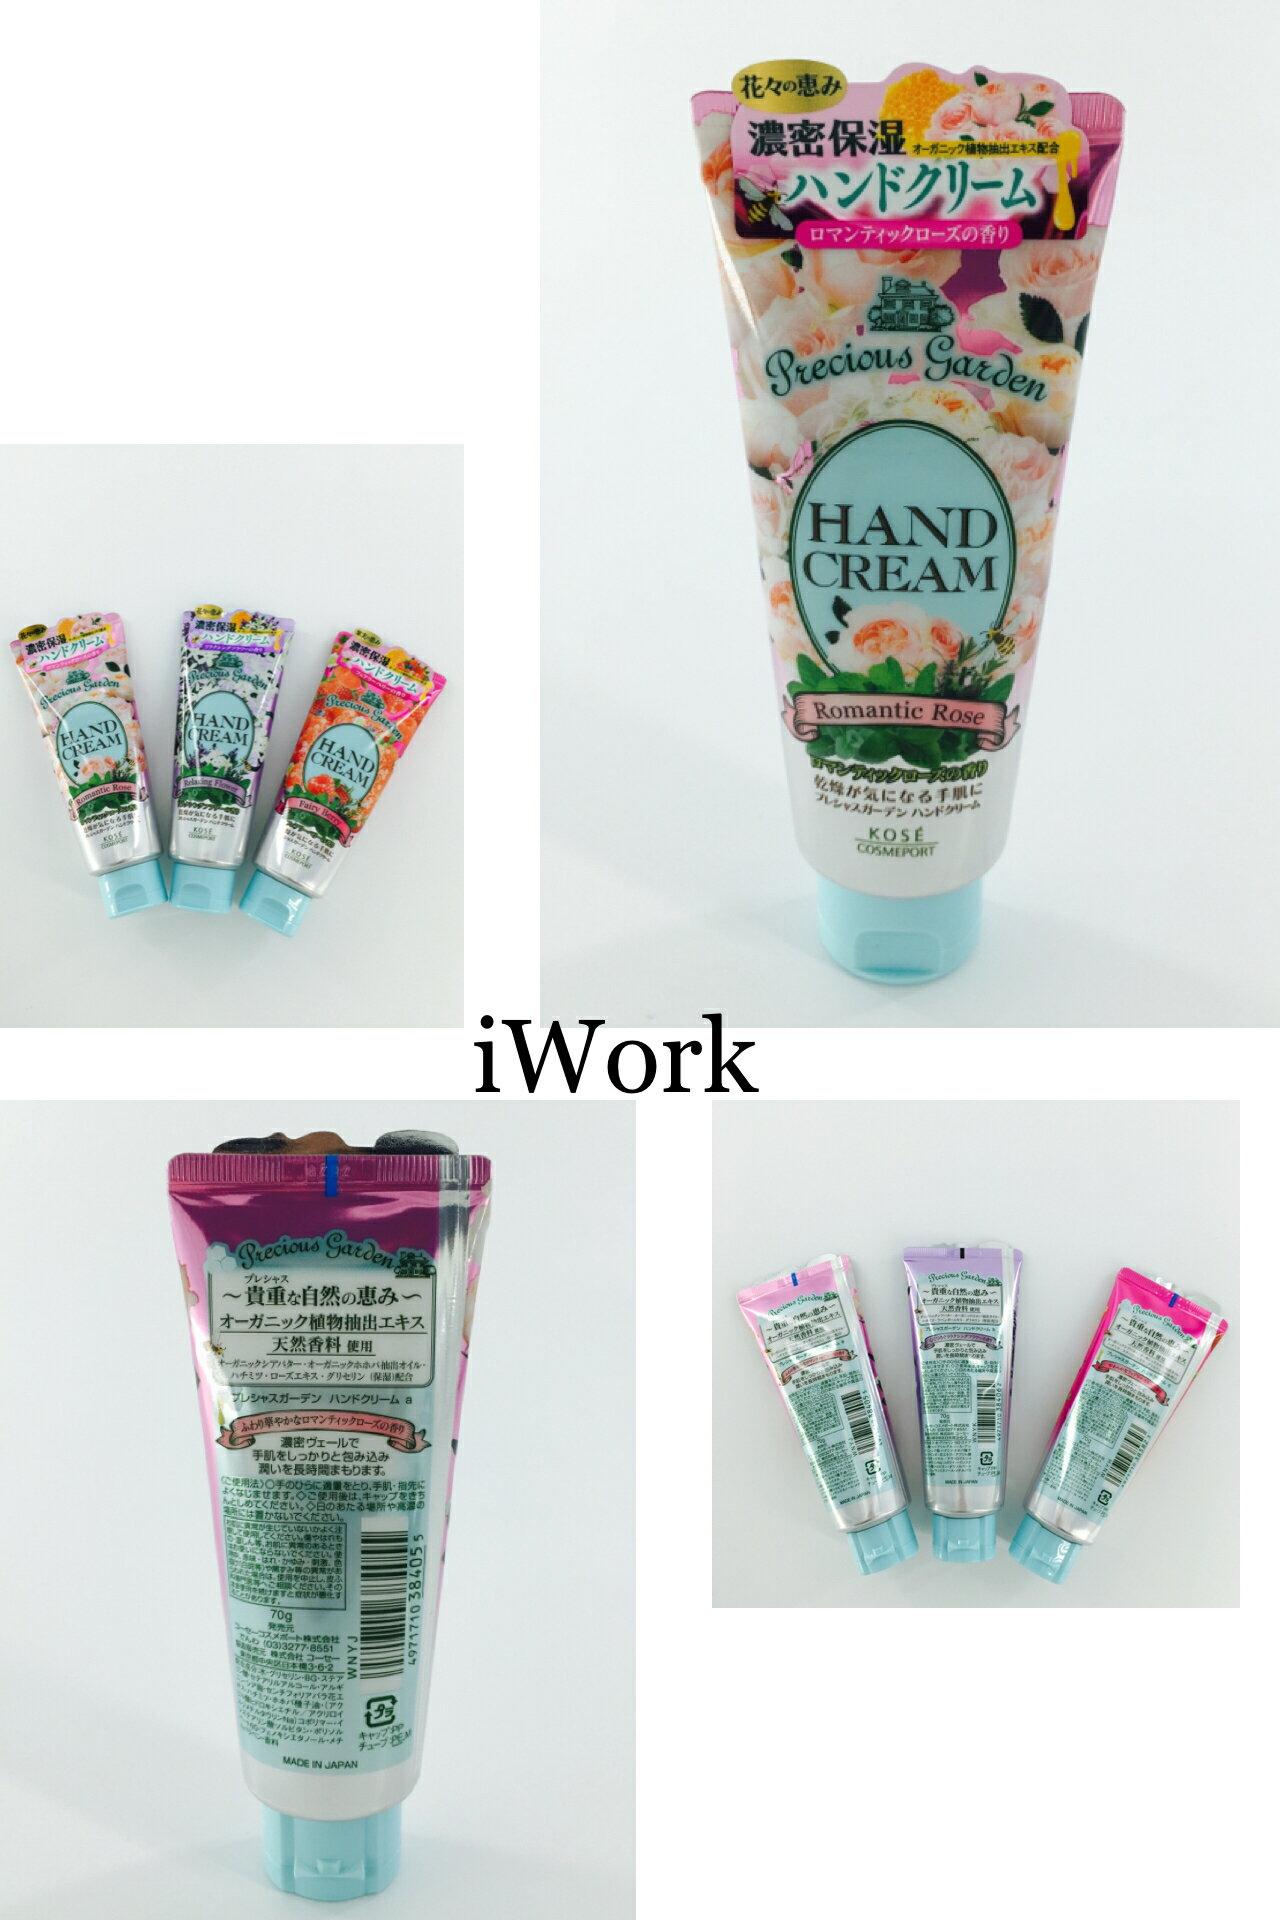 【iWork】10009《KOSE》平價濃密保濕玫瑰護手霜 ,質地細緻、滑順、清香,顏色白色〔日本平價藥妝KOSE超高人氣護手霜〕